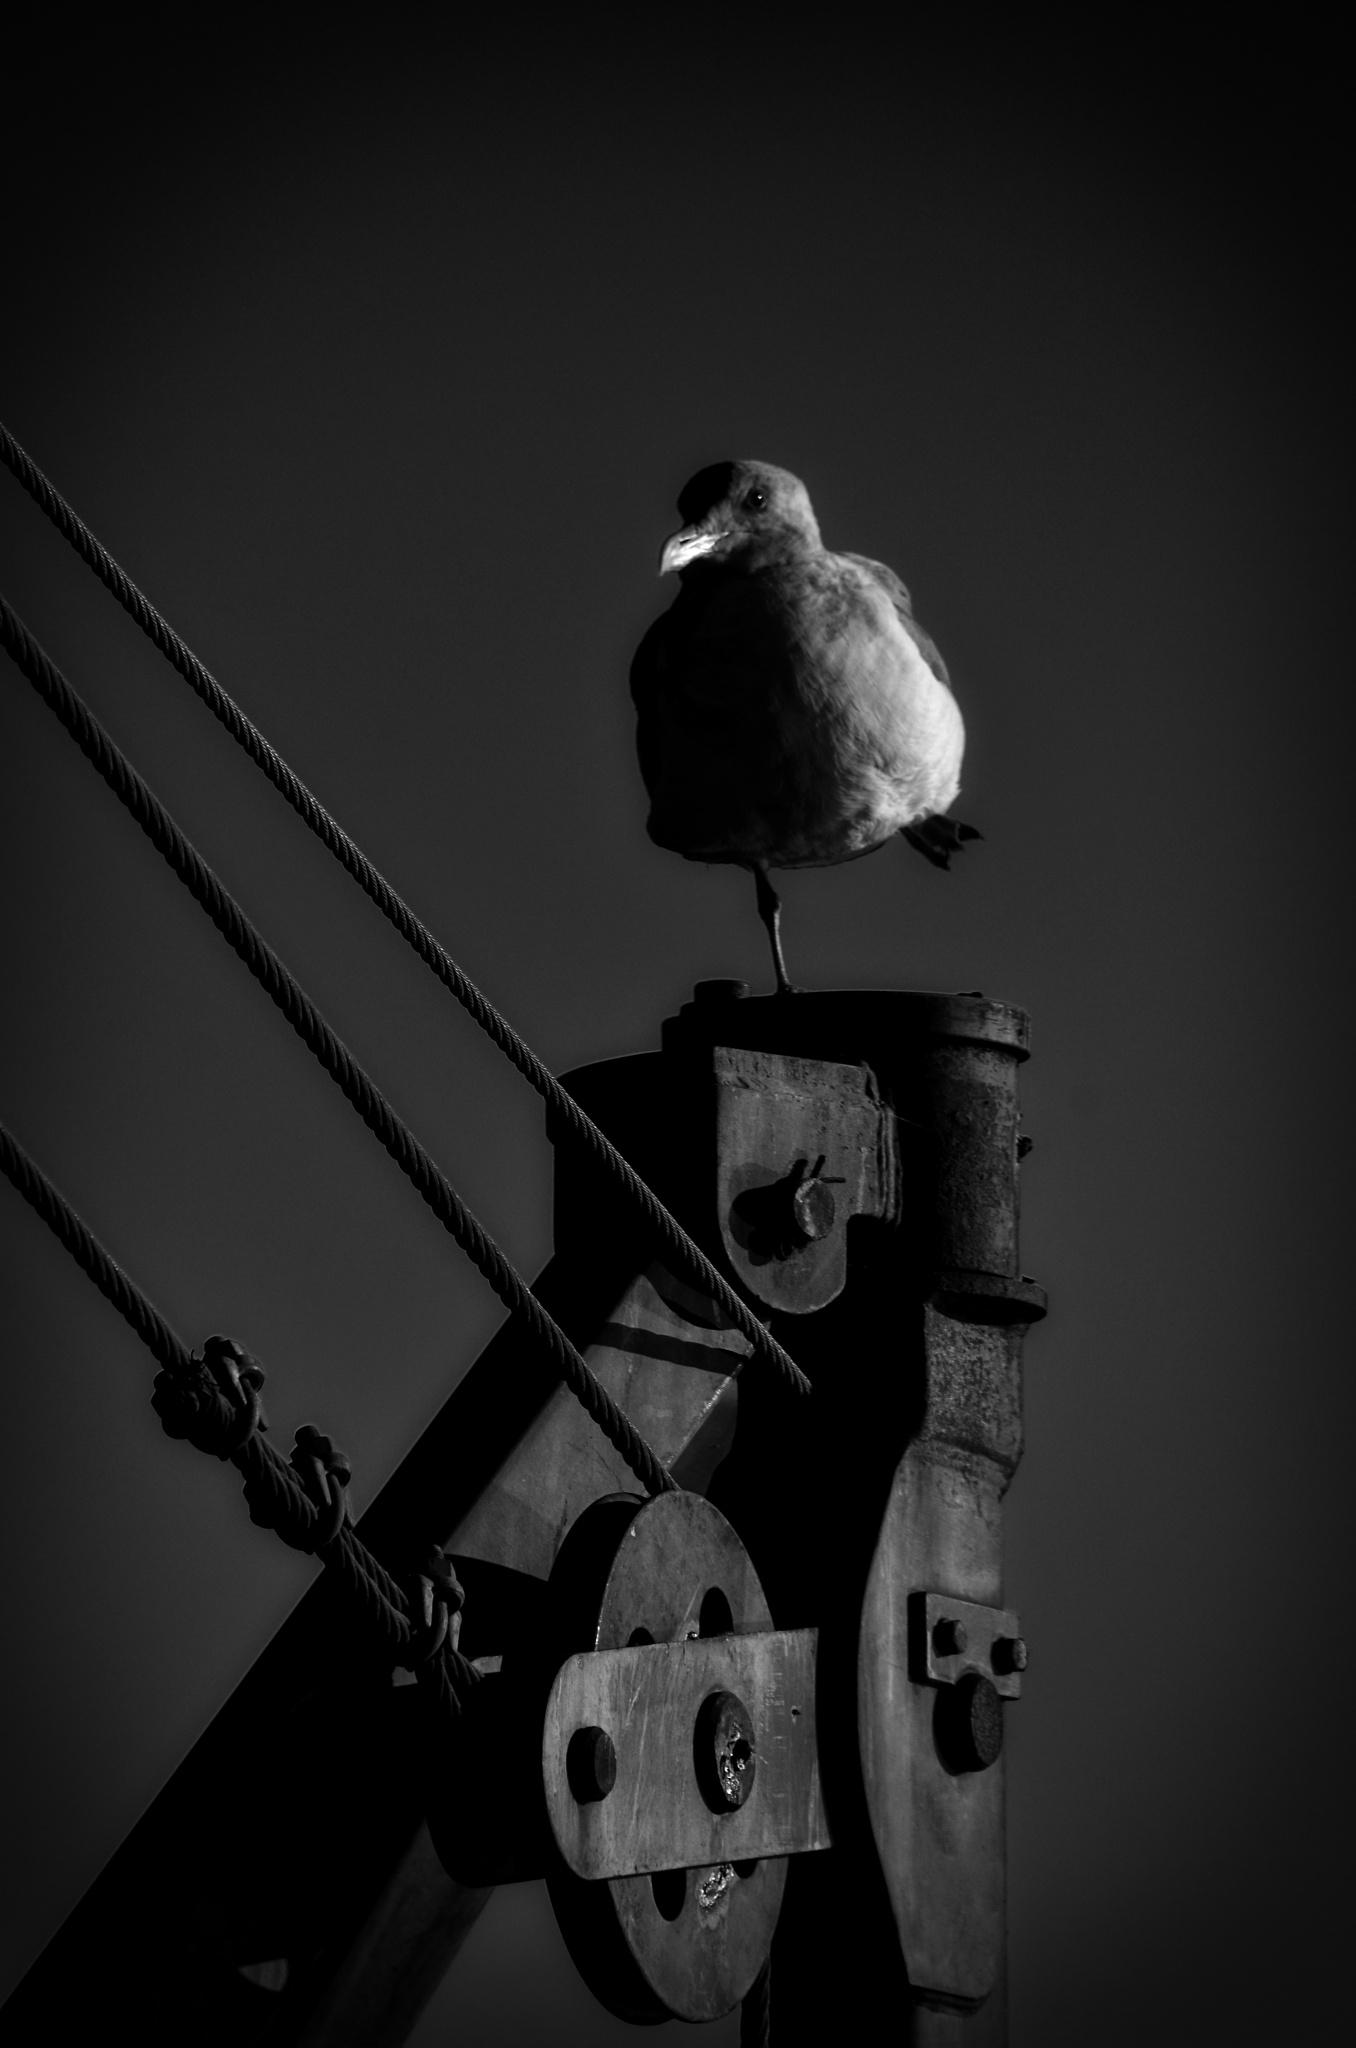 Gull by Merle Layden